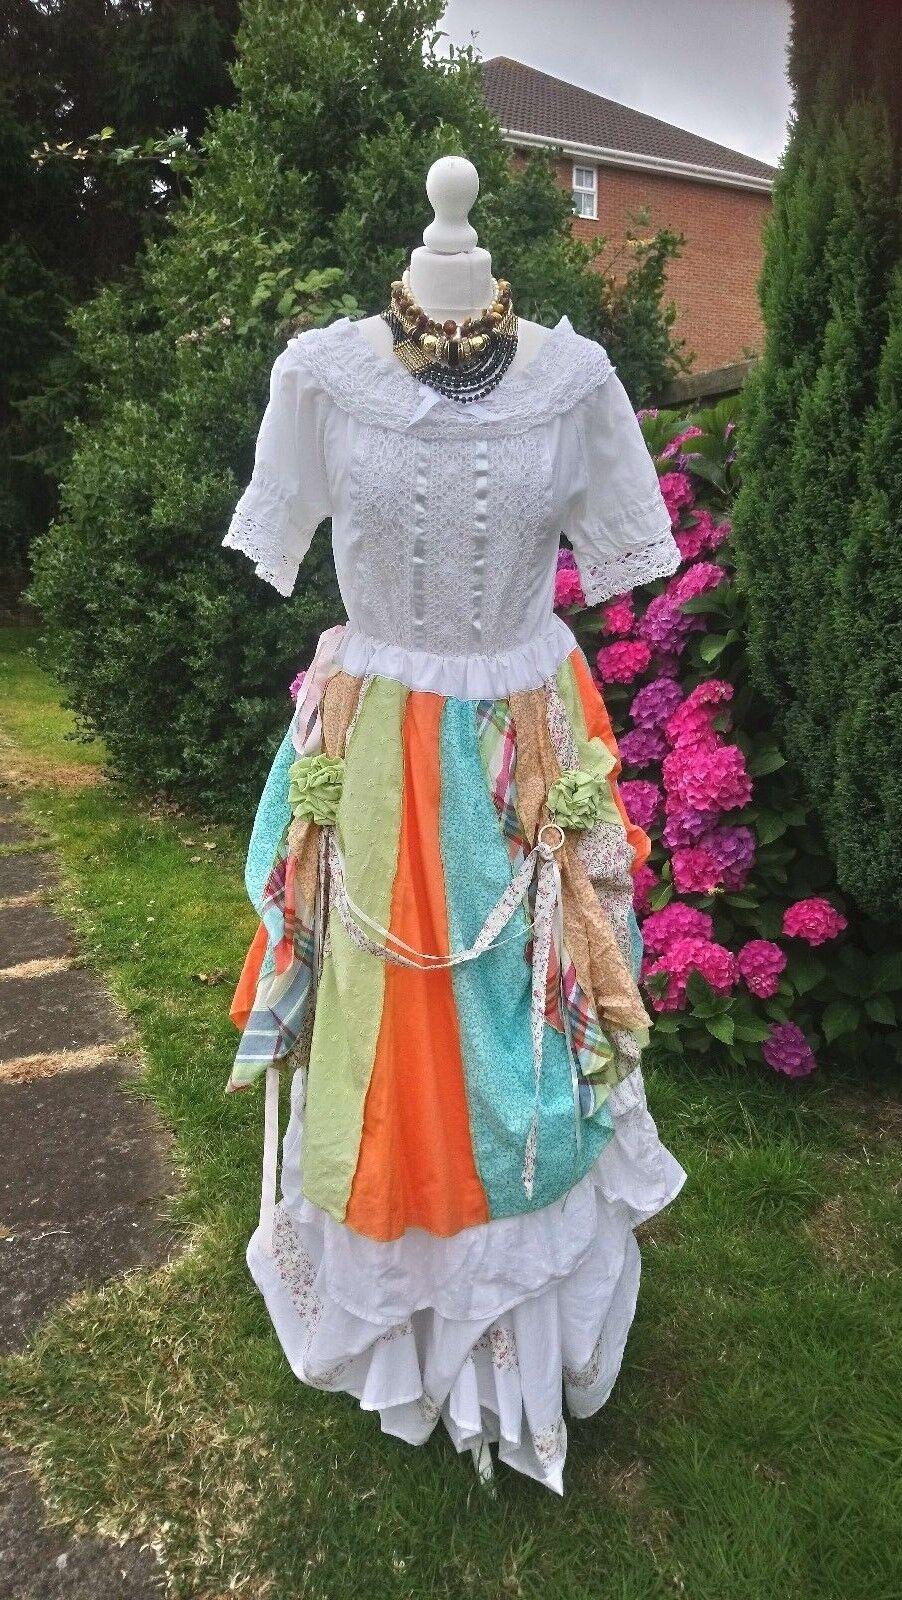 OOAK Bustle Hitch Romantic Hippie Skirt Free Größe 10 12 14 16 18 20 22 24 26